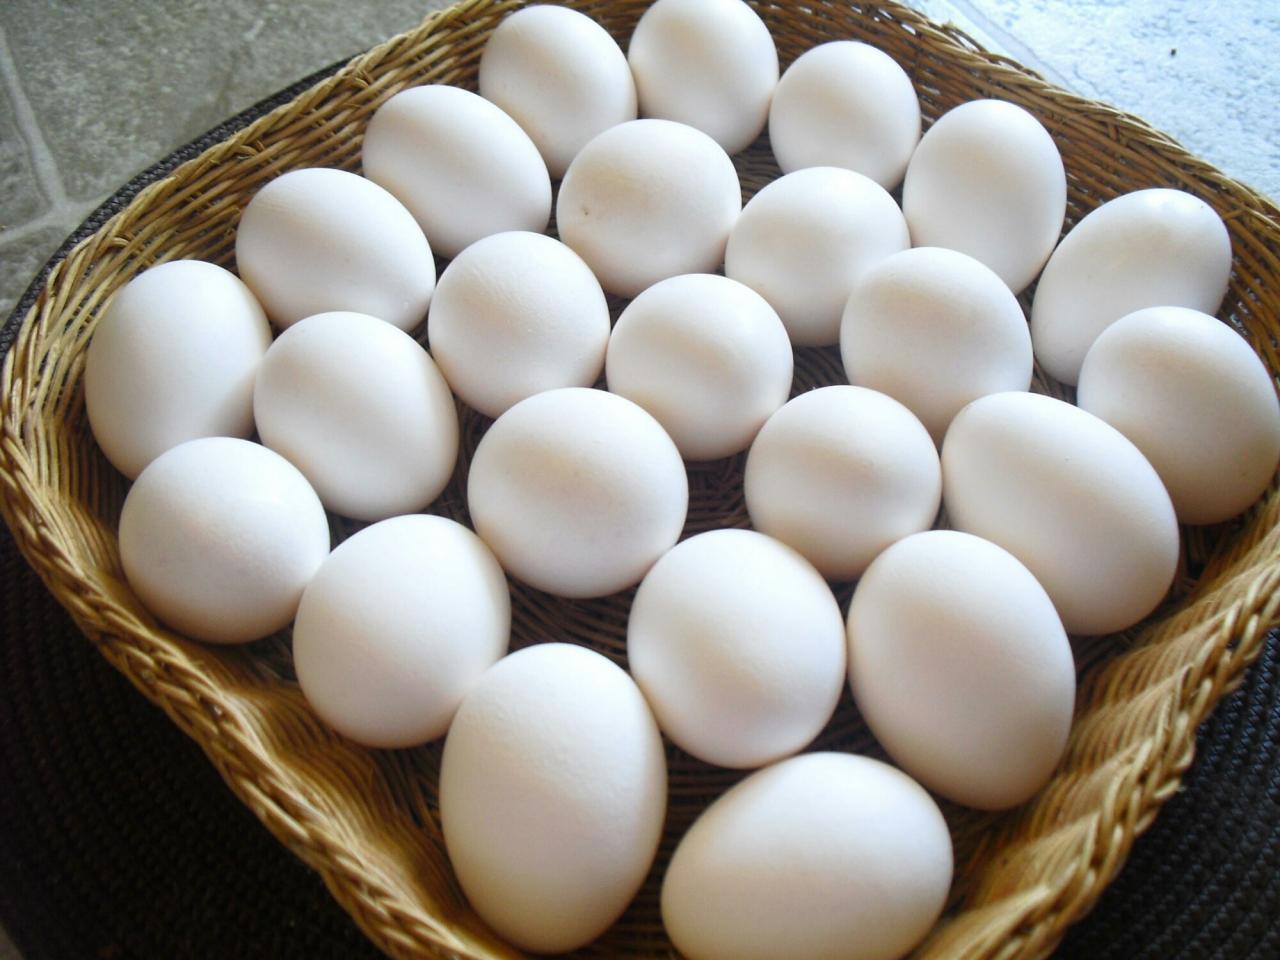 صورة تفسير رؤية البيض في المنام للمتزوجة , معني بعض الاحلام للمتزوجين